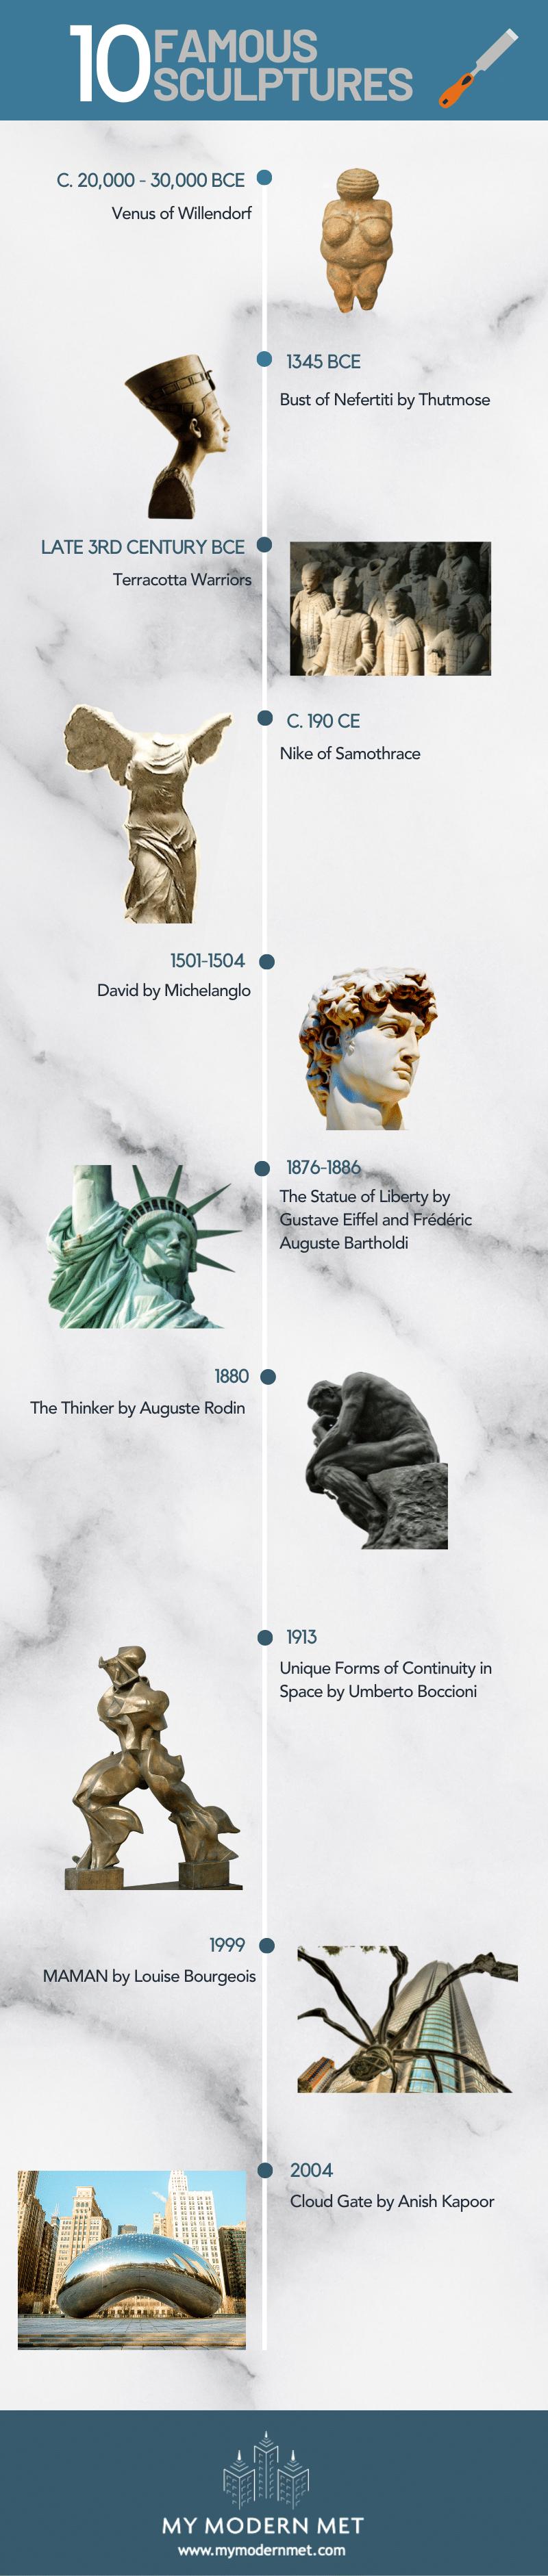 famous sculpture timeline